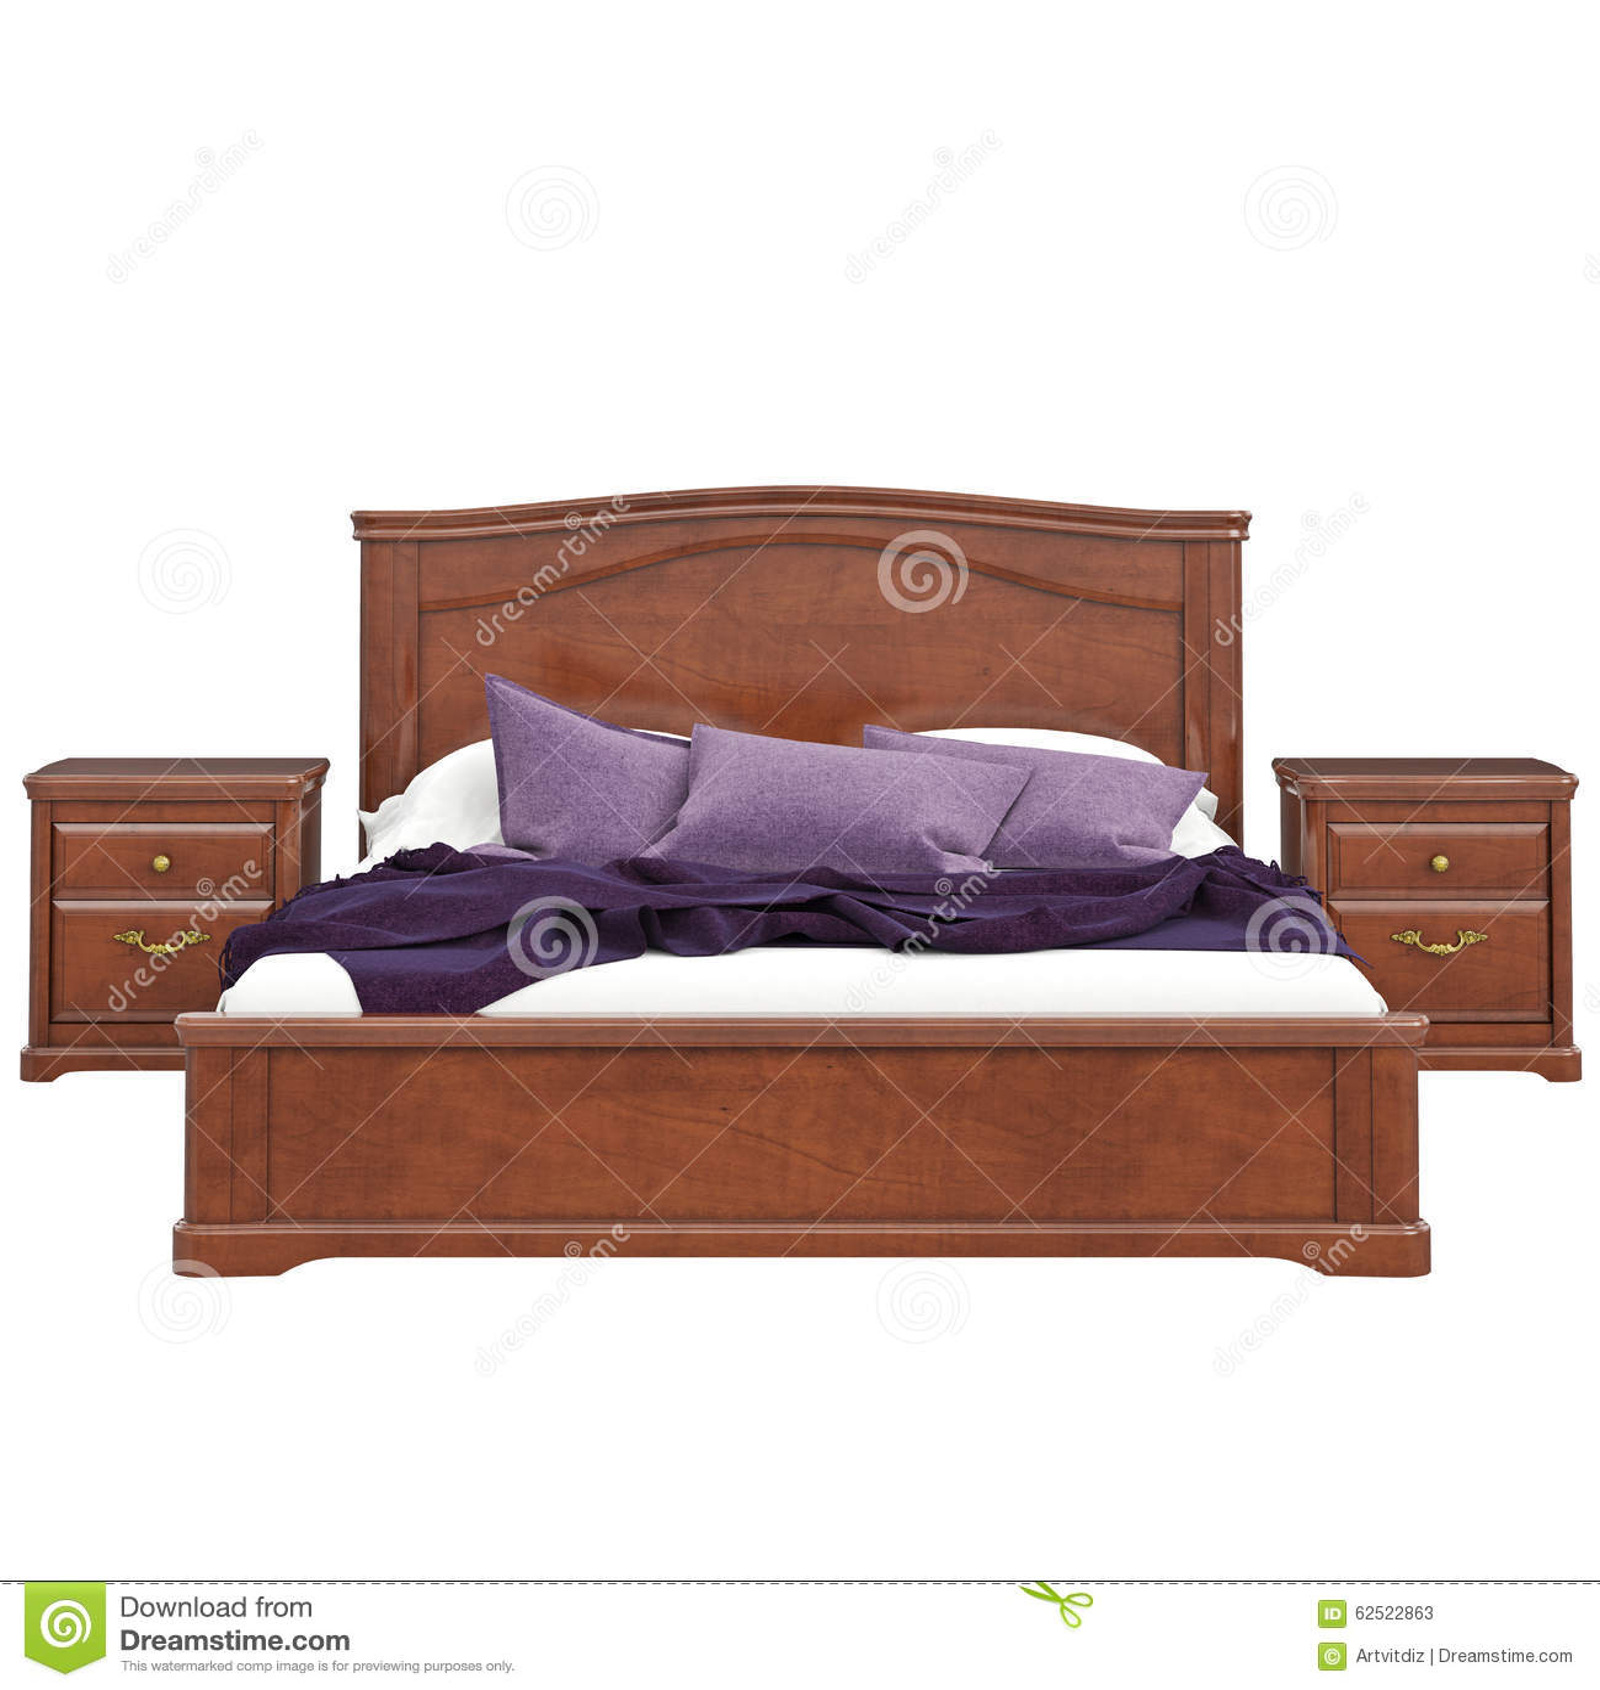 Bed van houten vooraanzicht stock illustratie afbeelding 62522863 - Houten bed ...